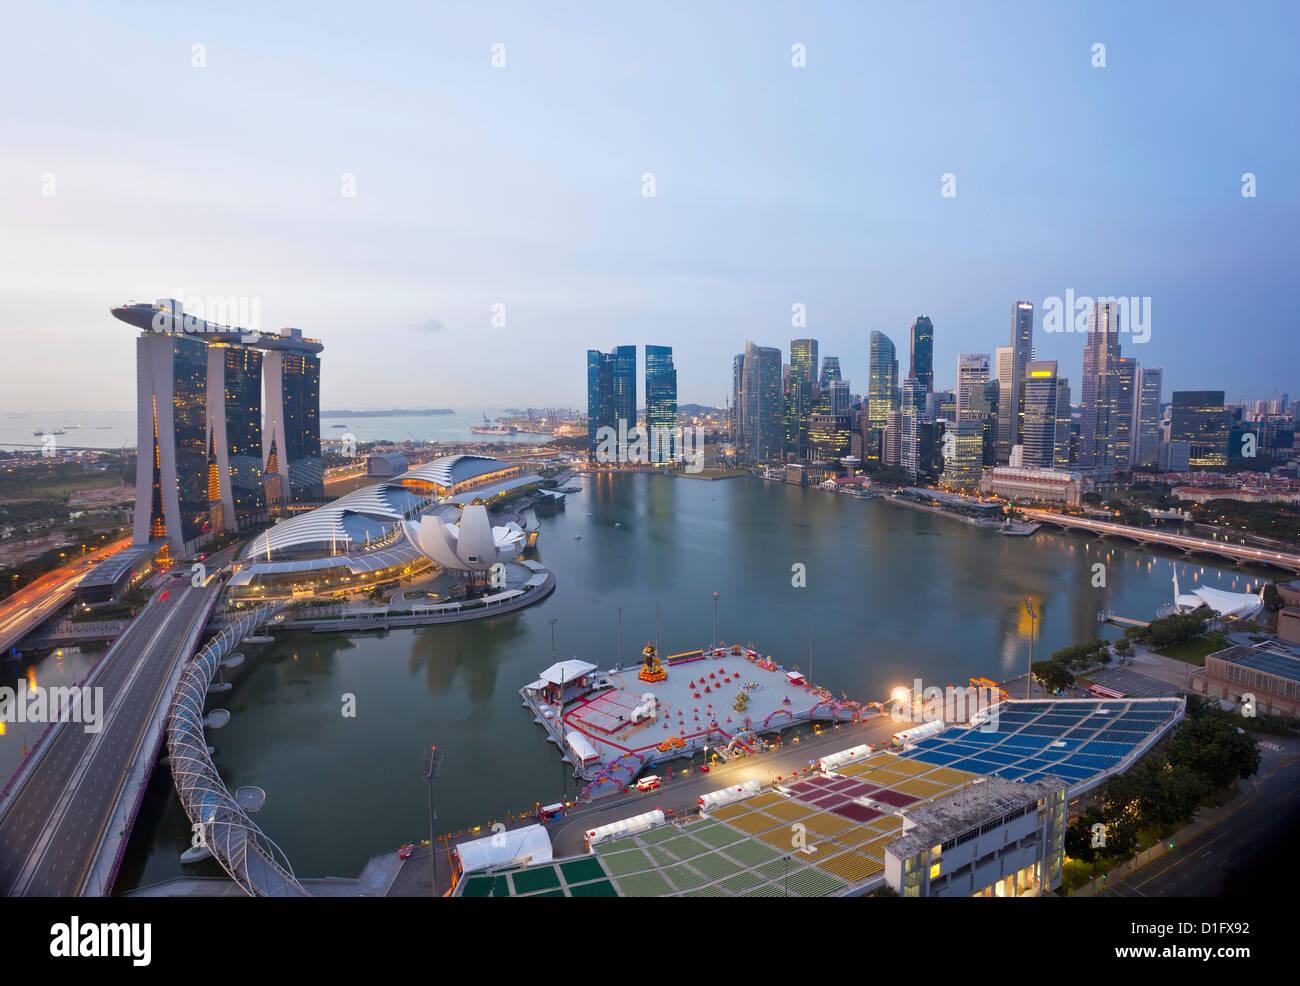 Die Helix-Brücke und Marina Bay Sands, erhöhten Blick über Singapur, Marina Bay, Singapur, Südostasien, Stockbild